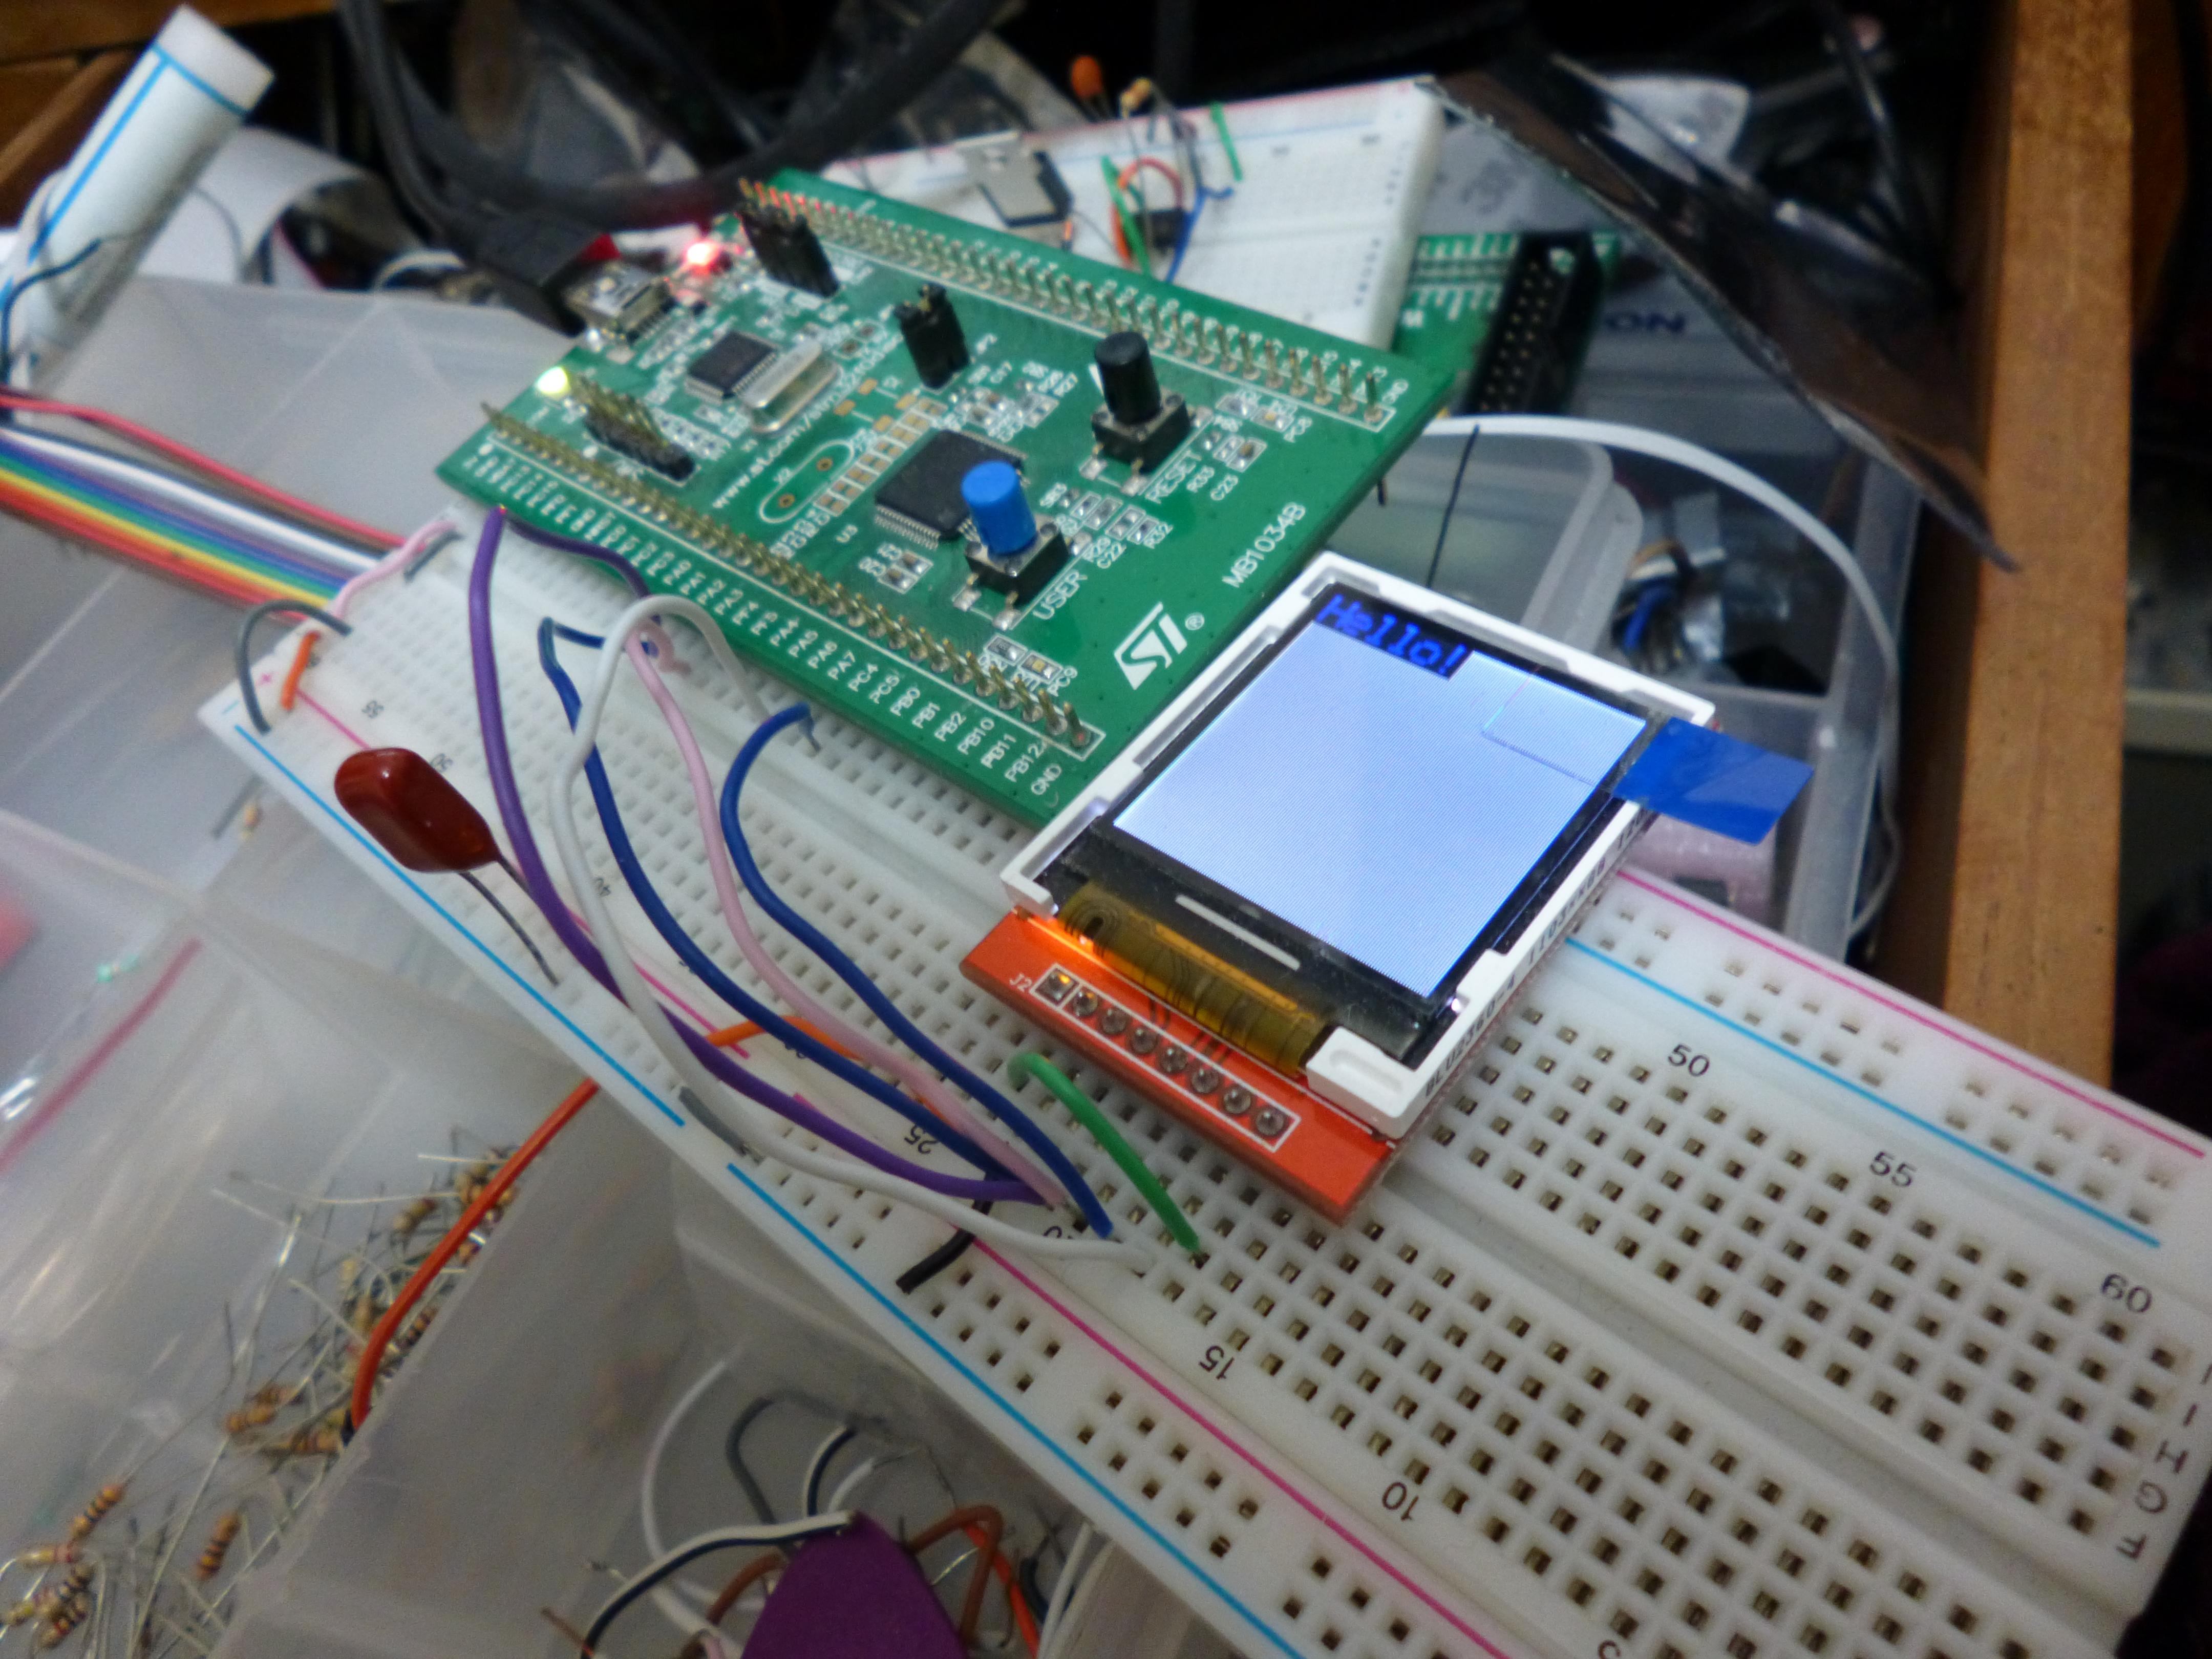 STM32F0 + ILI9163 LCD! – Harris' Electronics